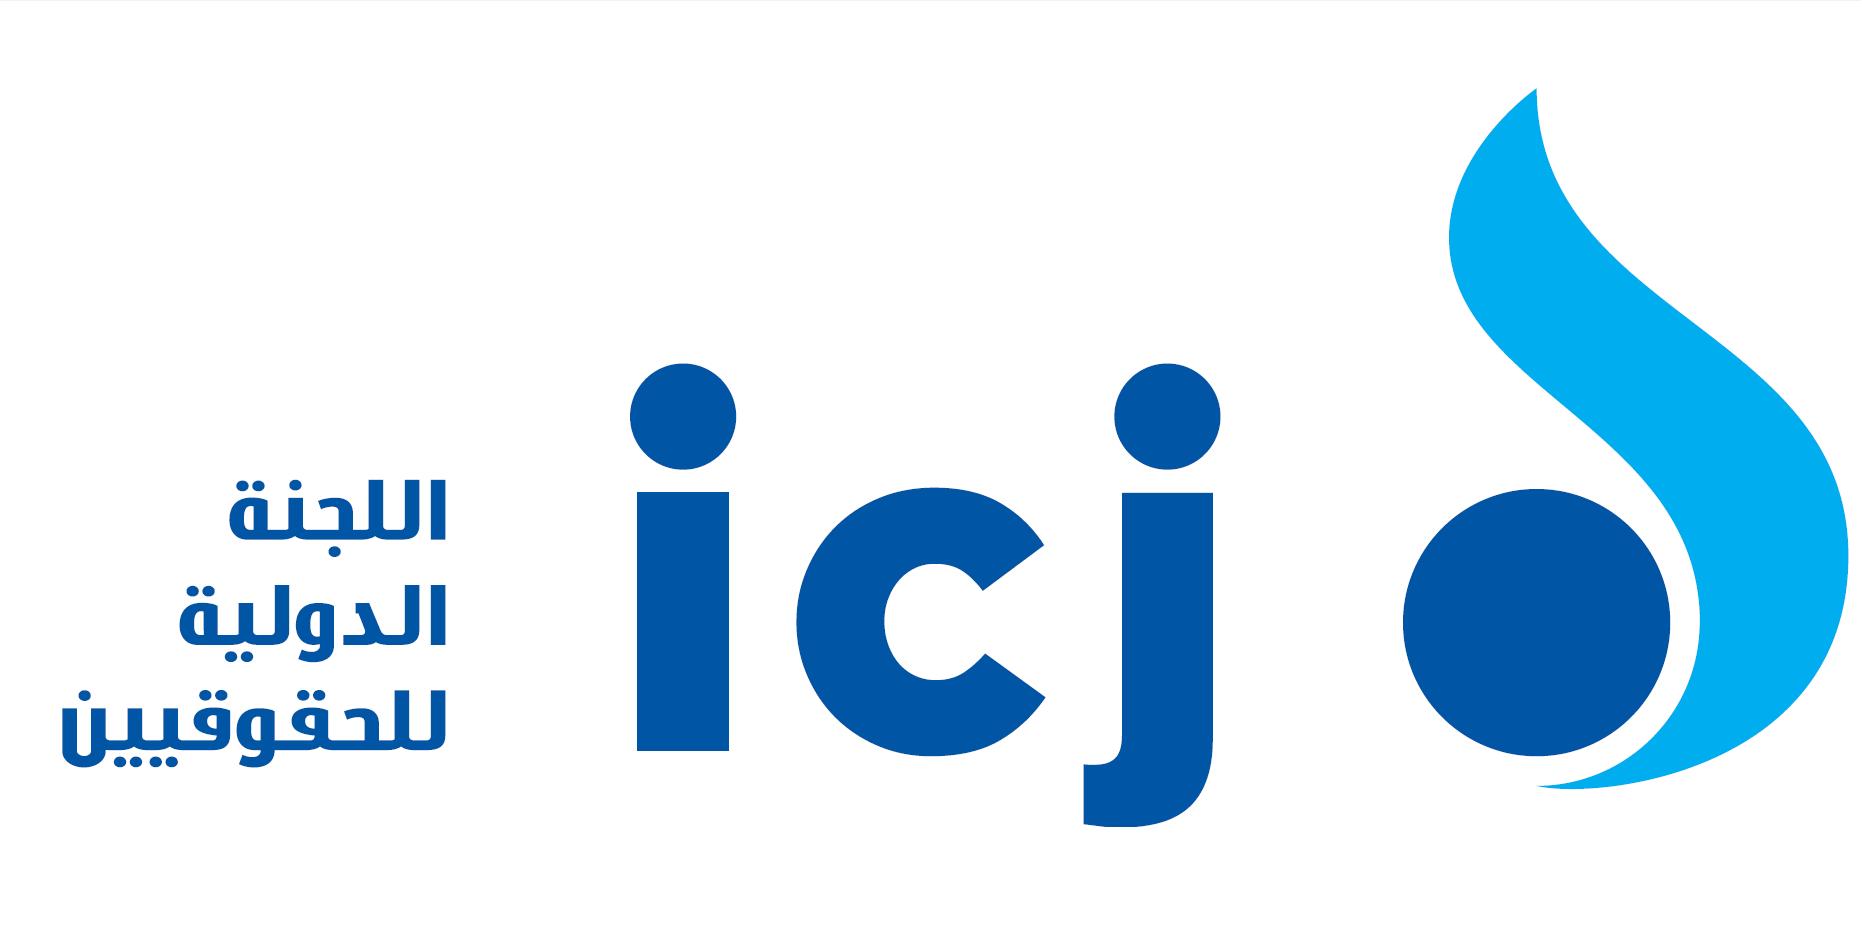 اللجنة الدولية للحقوقيين تعتبر قرار عويدات هجوما إضافيا على استقلال القضاء